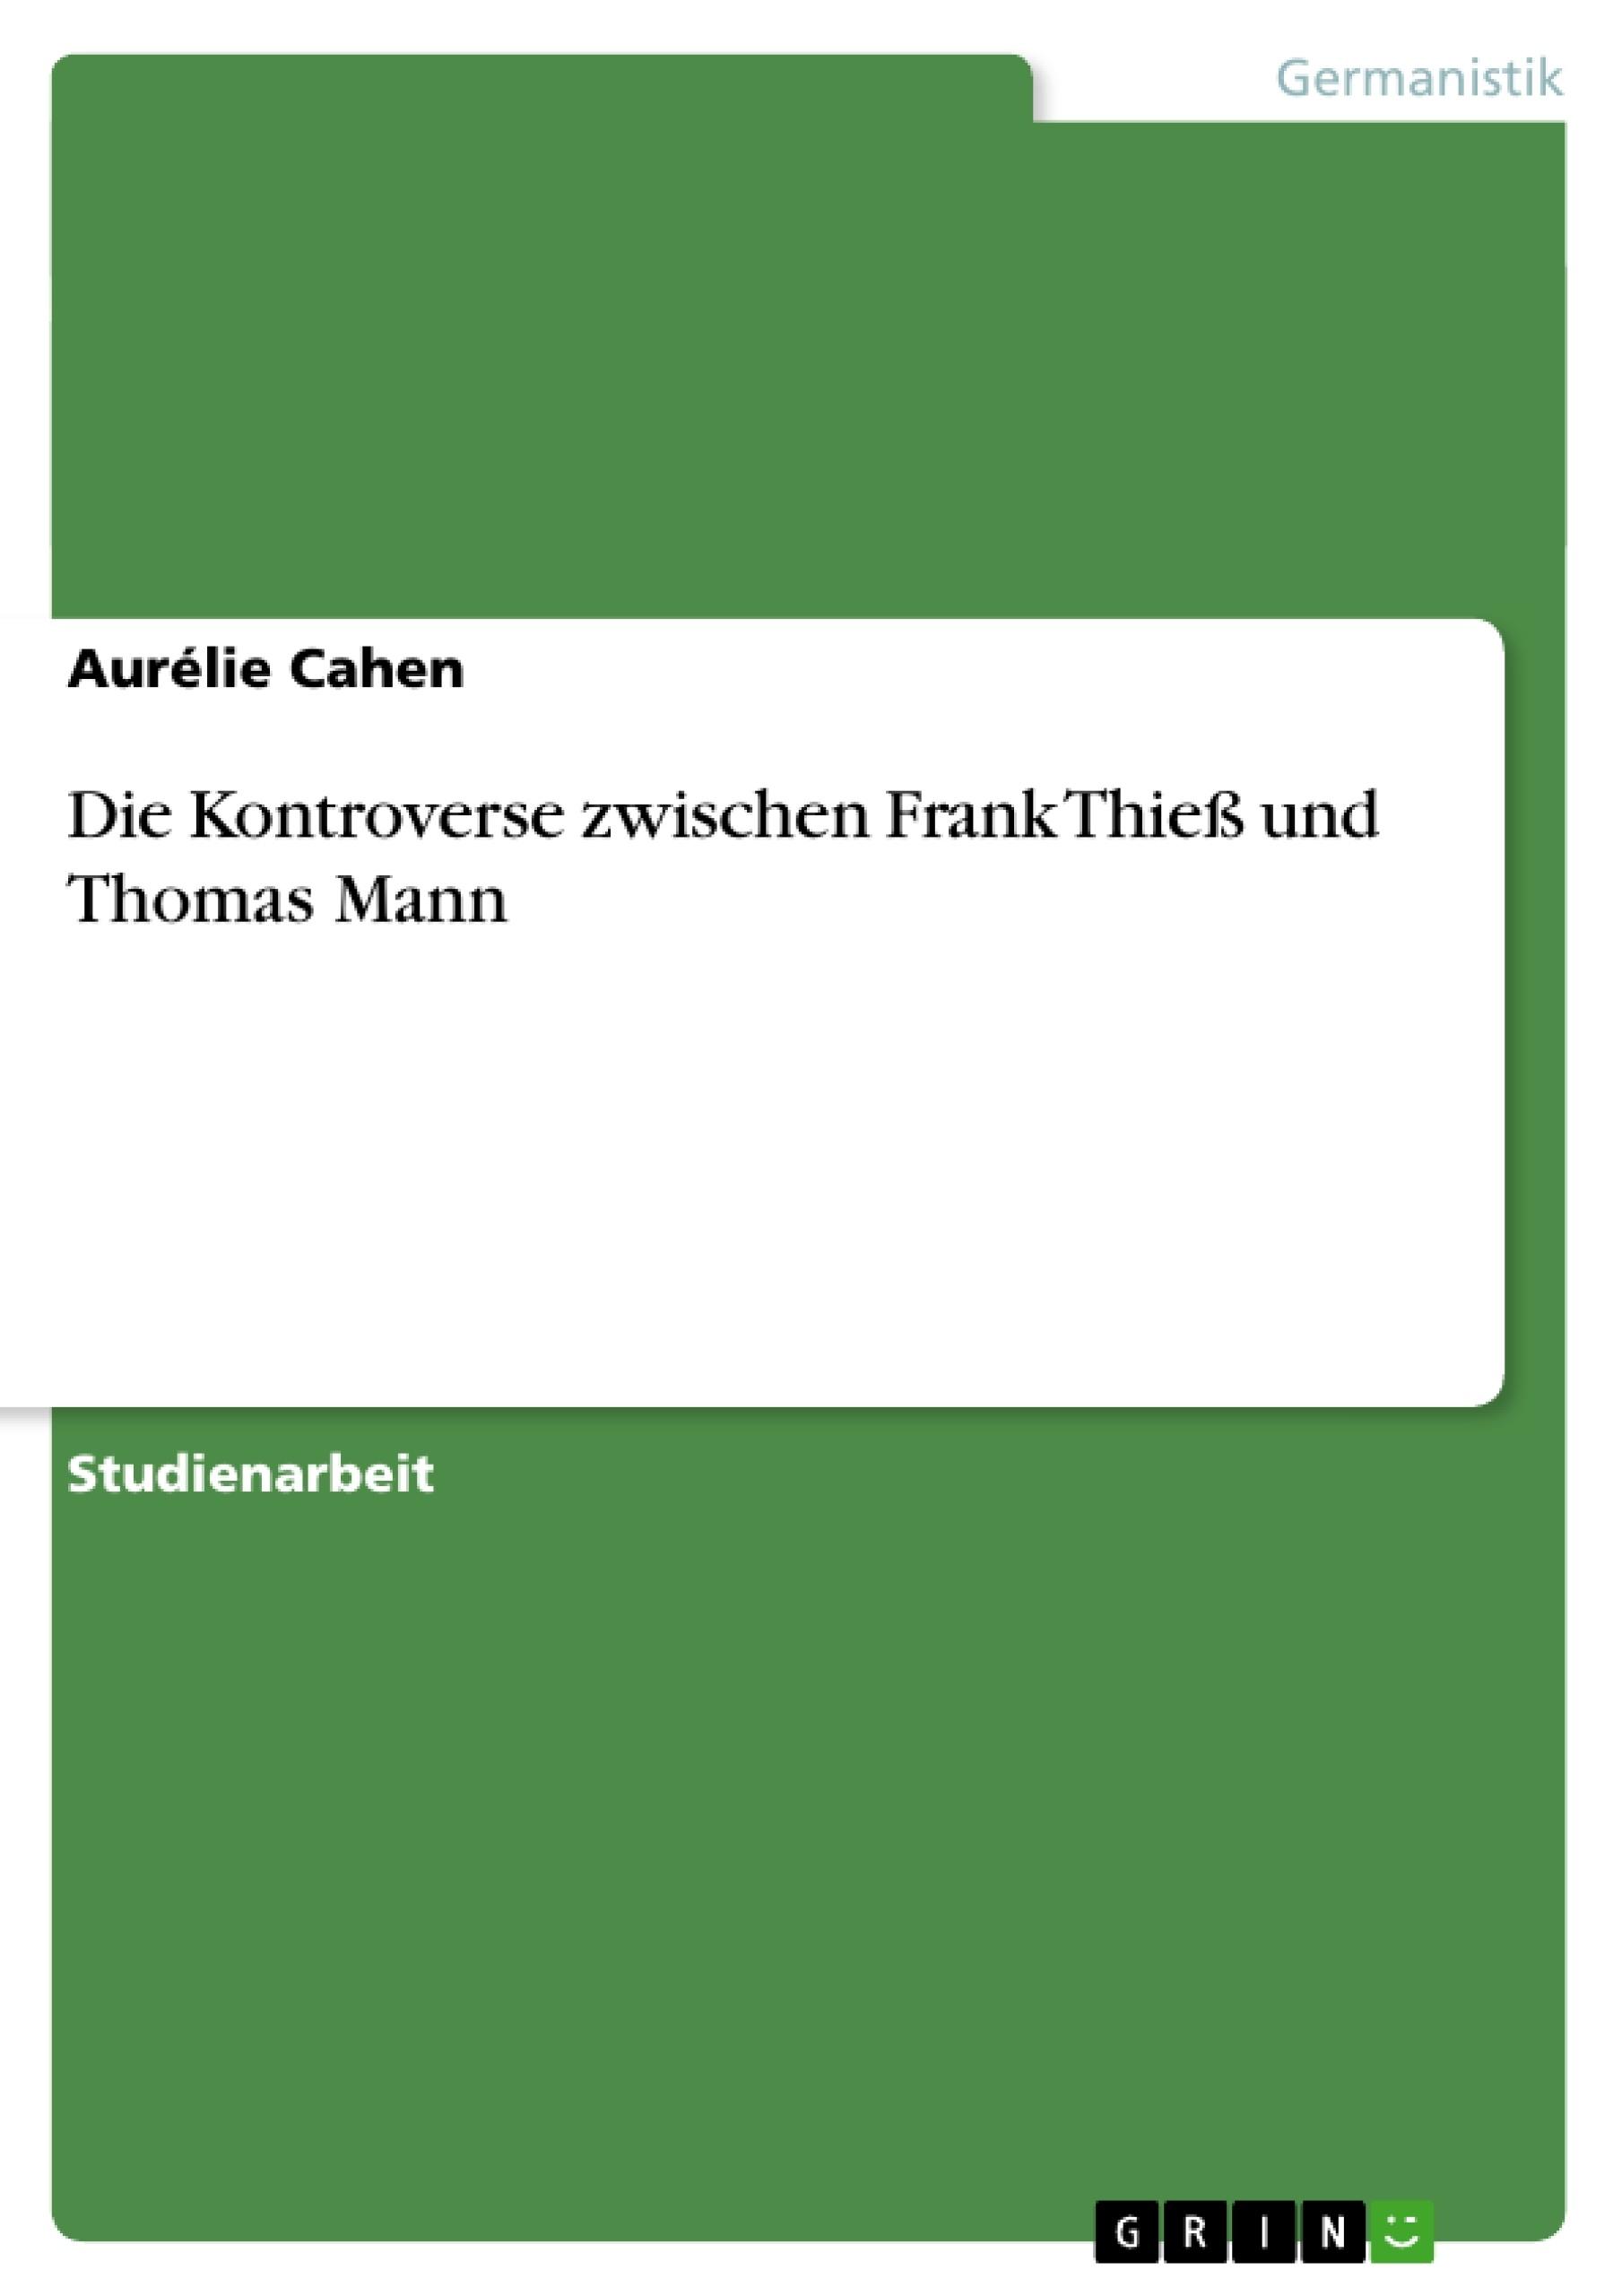 Titel: Die Kontroverse zwischen Frank Thieß und Thomas Mann